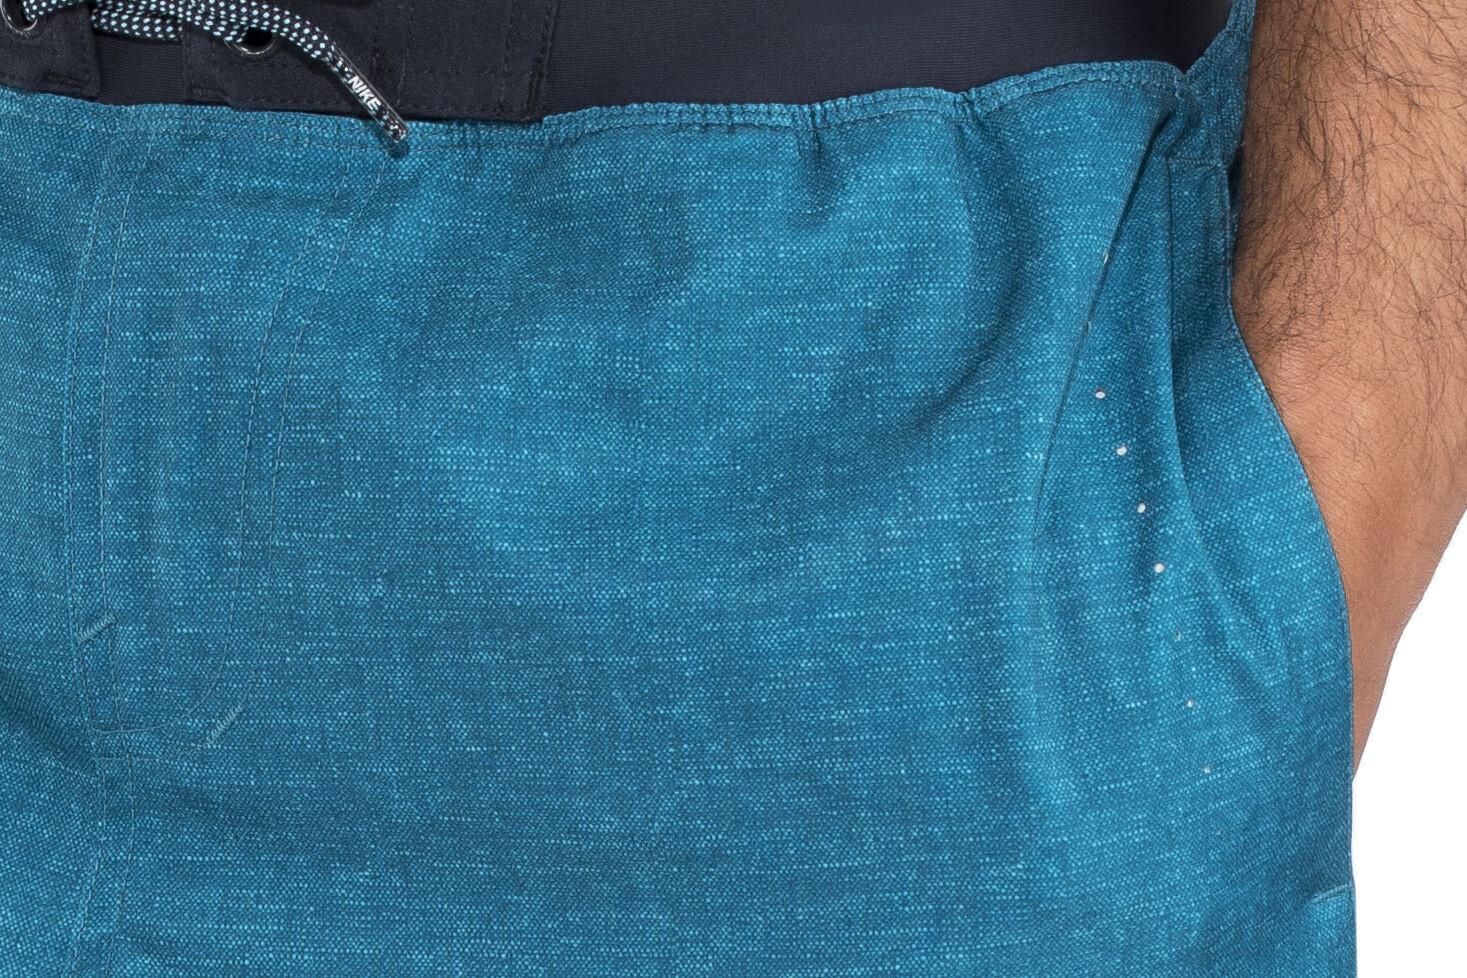 38175636fe Nike Swim Linen Blade 5 Bathing Trunk Men green/blue at Bikester.co.uk